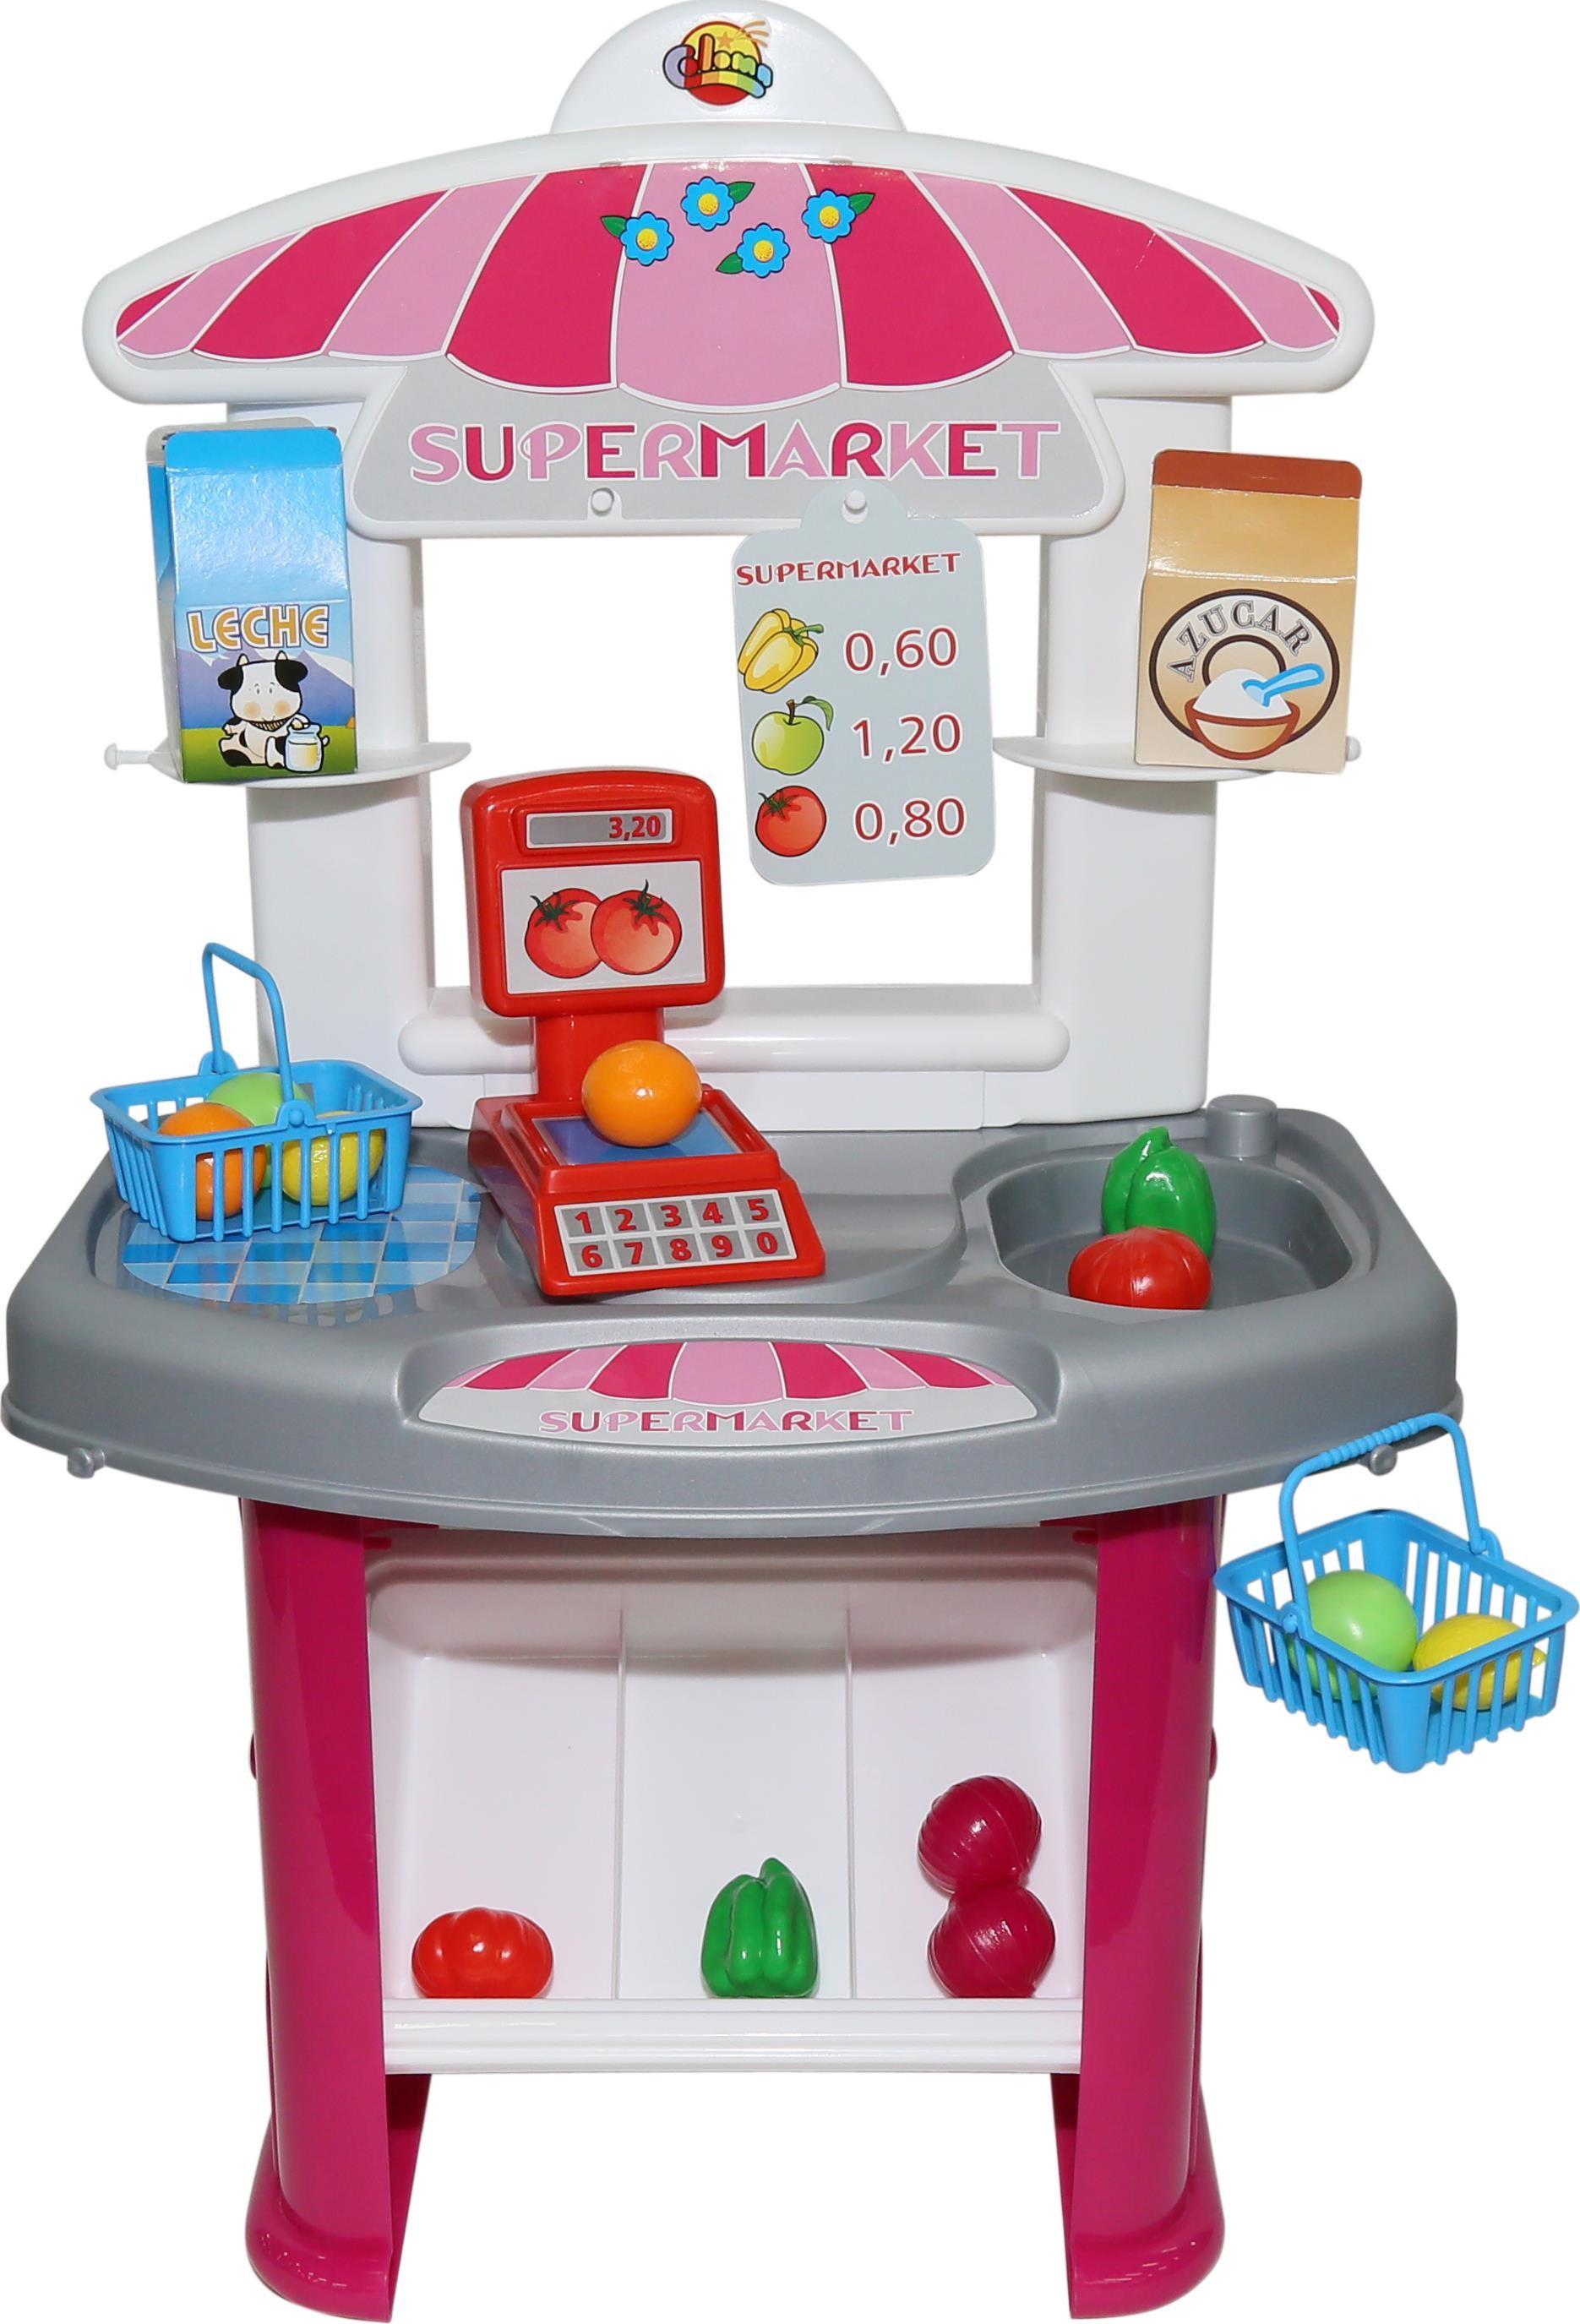 Игровой набор Полесье Супермаркет игровой магазин набор игровой для магазина полесье мини супермаркет в пакете 53404